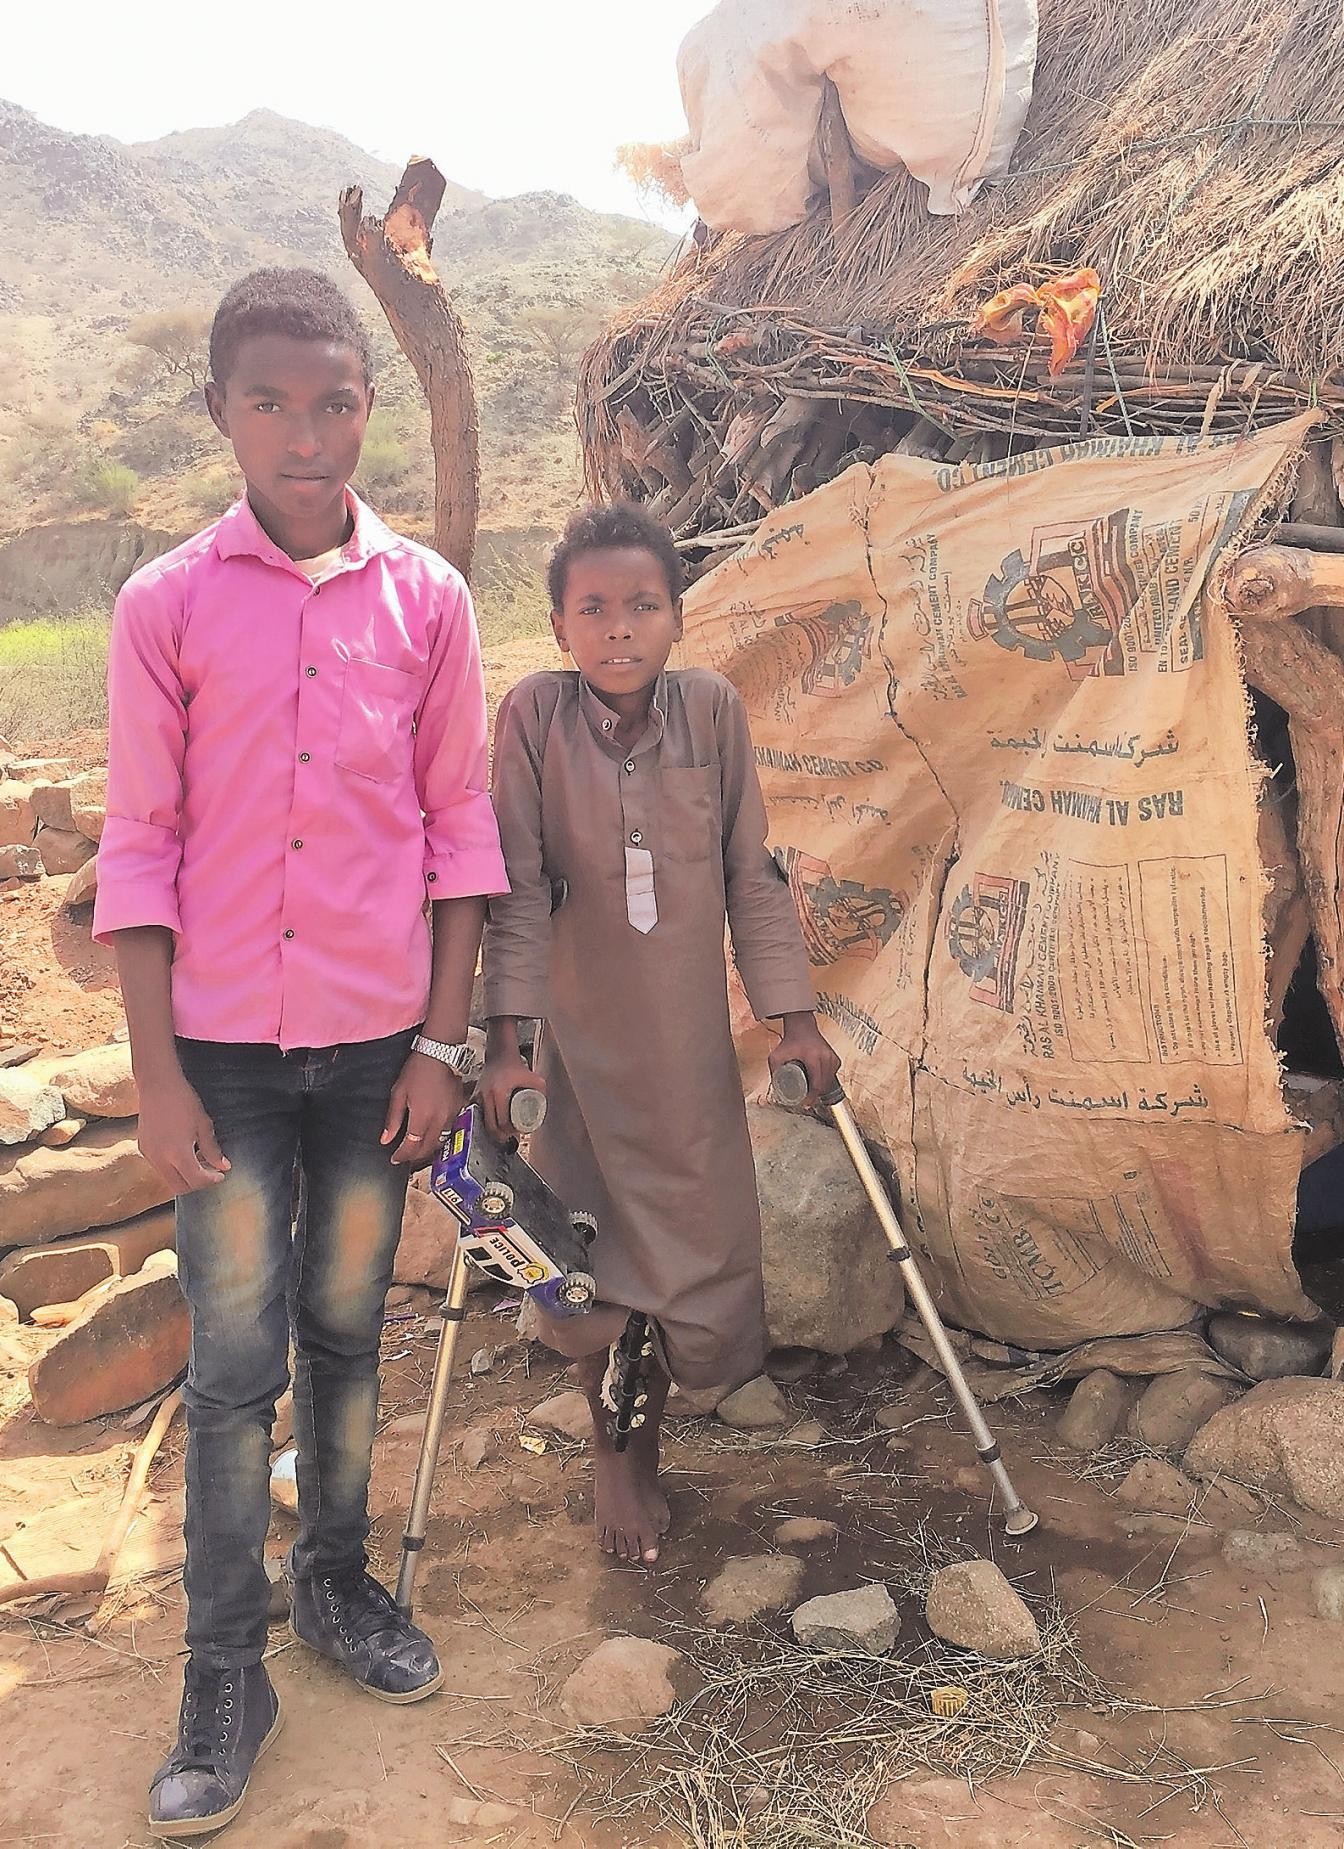 Opfer eines Luftangriffs wurden Ammar (15, l.) und sein Bruder Sami (13) aus Hajjah im Nordwesten Jemens, als sie 2018 an einer Hochzeitsgesellschaft teilnahmen. Ammar verlor seinen rechten Fuß, und auch Sami wurde schwer verletzt. Ihre Familie konnte sich keine Behandlung leisten; Save the Children übernahm die Kosten und sorgte für psychologische Betreuung.